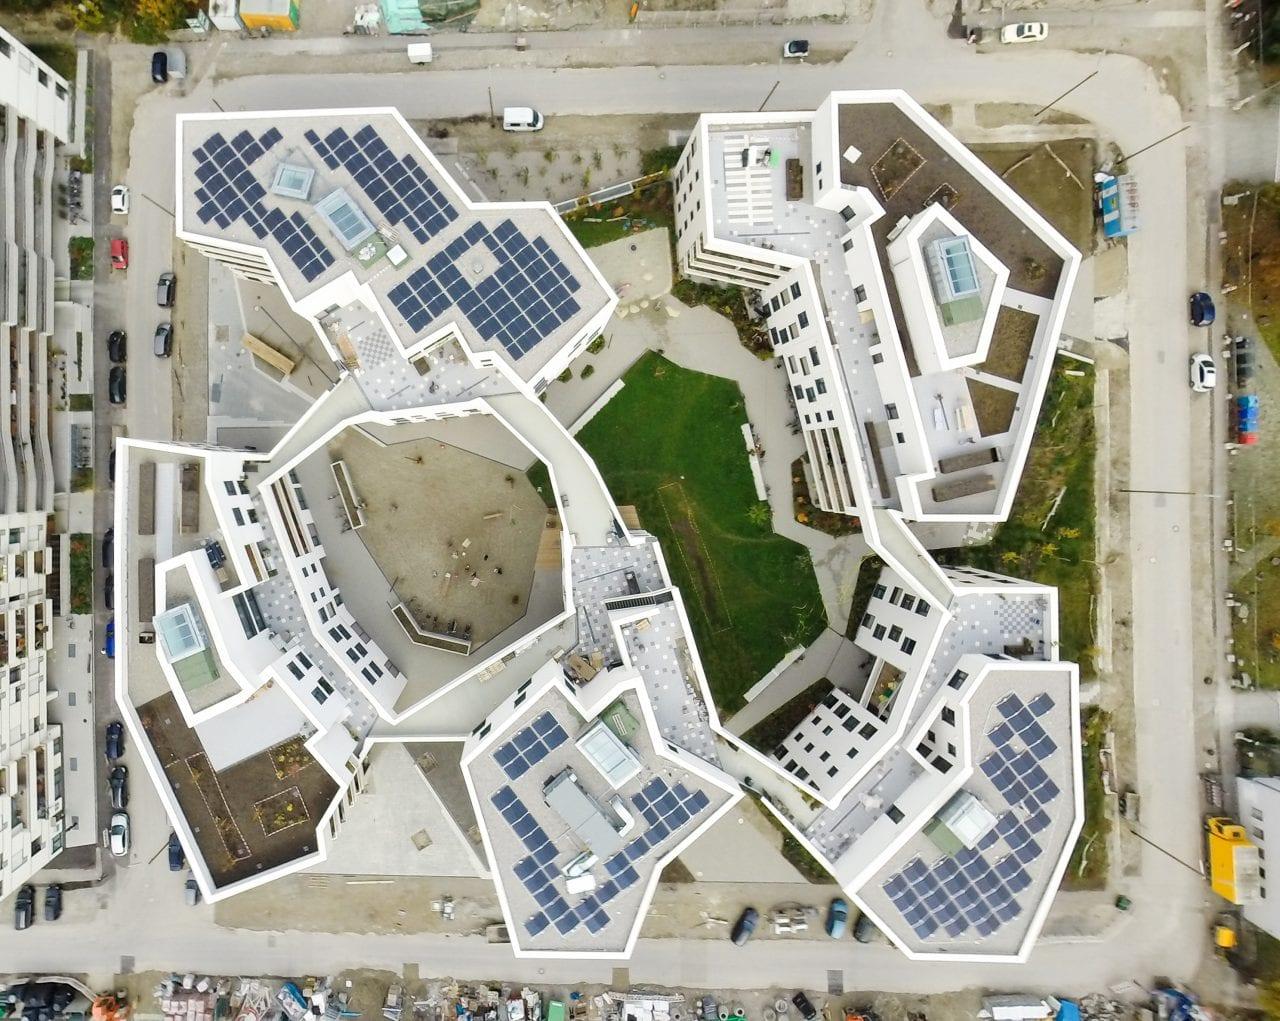 m wagnisart 02a - Cooperativele de locuințe – soluția germană pentru costuri mici și standarde înalte de locuire